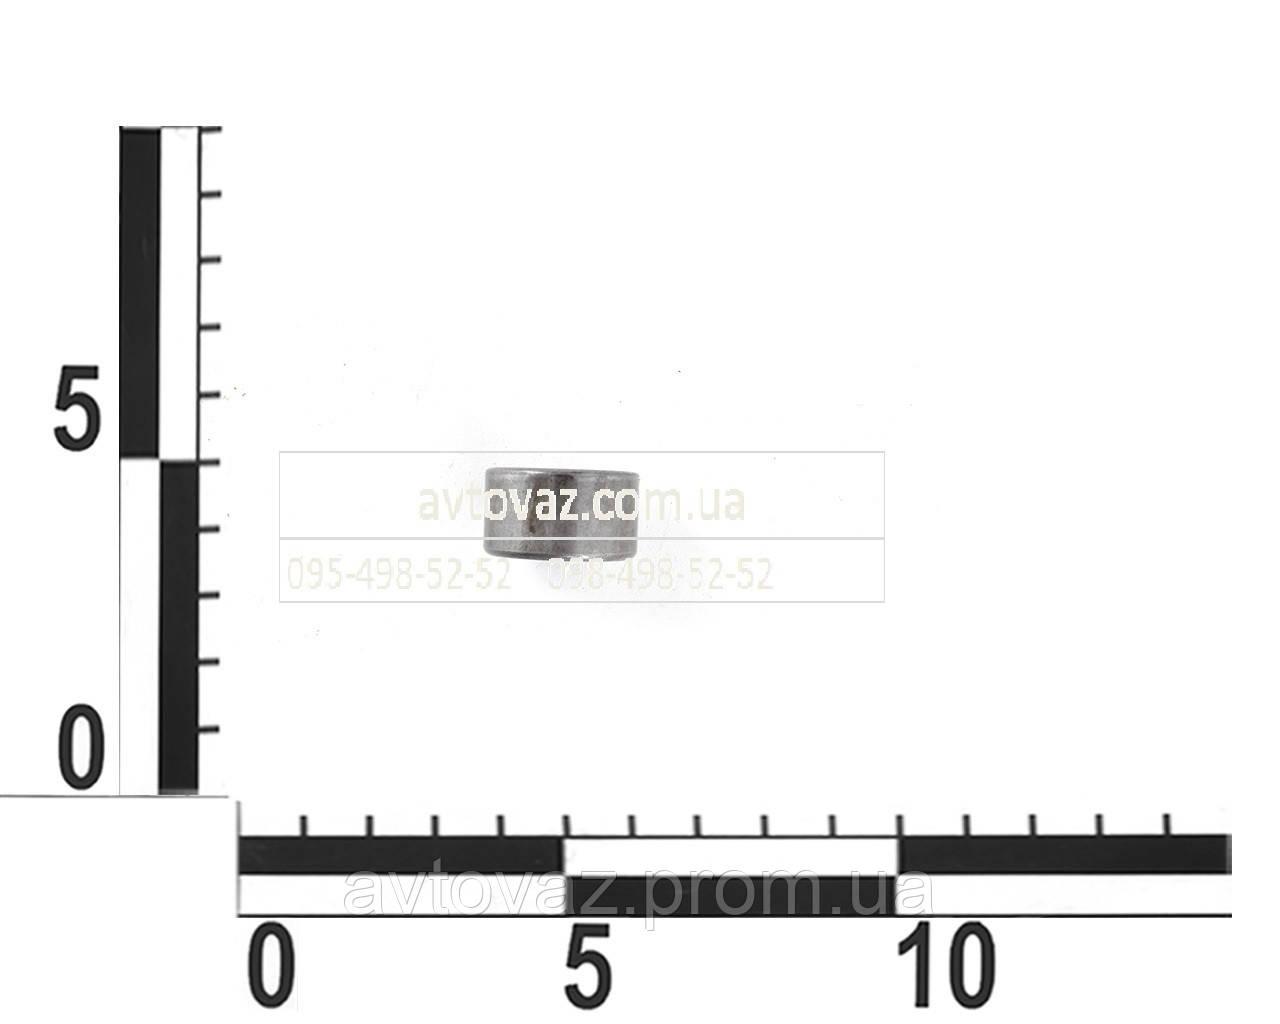 """Подшипник рулевой рейки ВАЗ 2110-12, 1117-19, 2170-72, 2190-92 (1-СК152112Е) """"малый"""""""